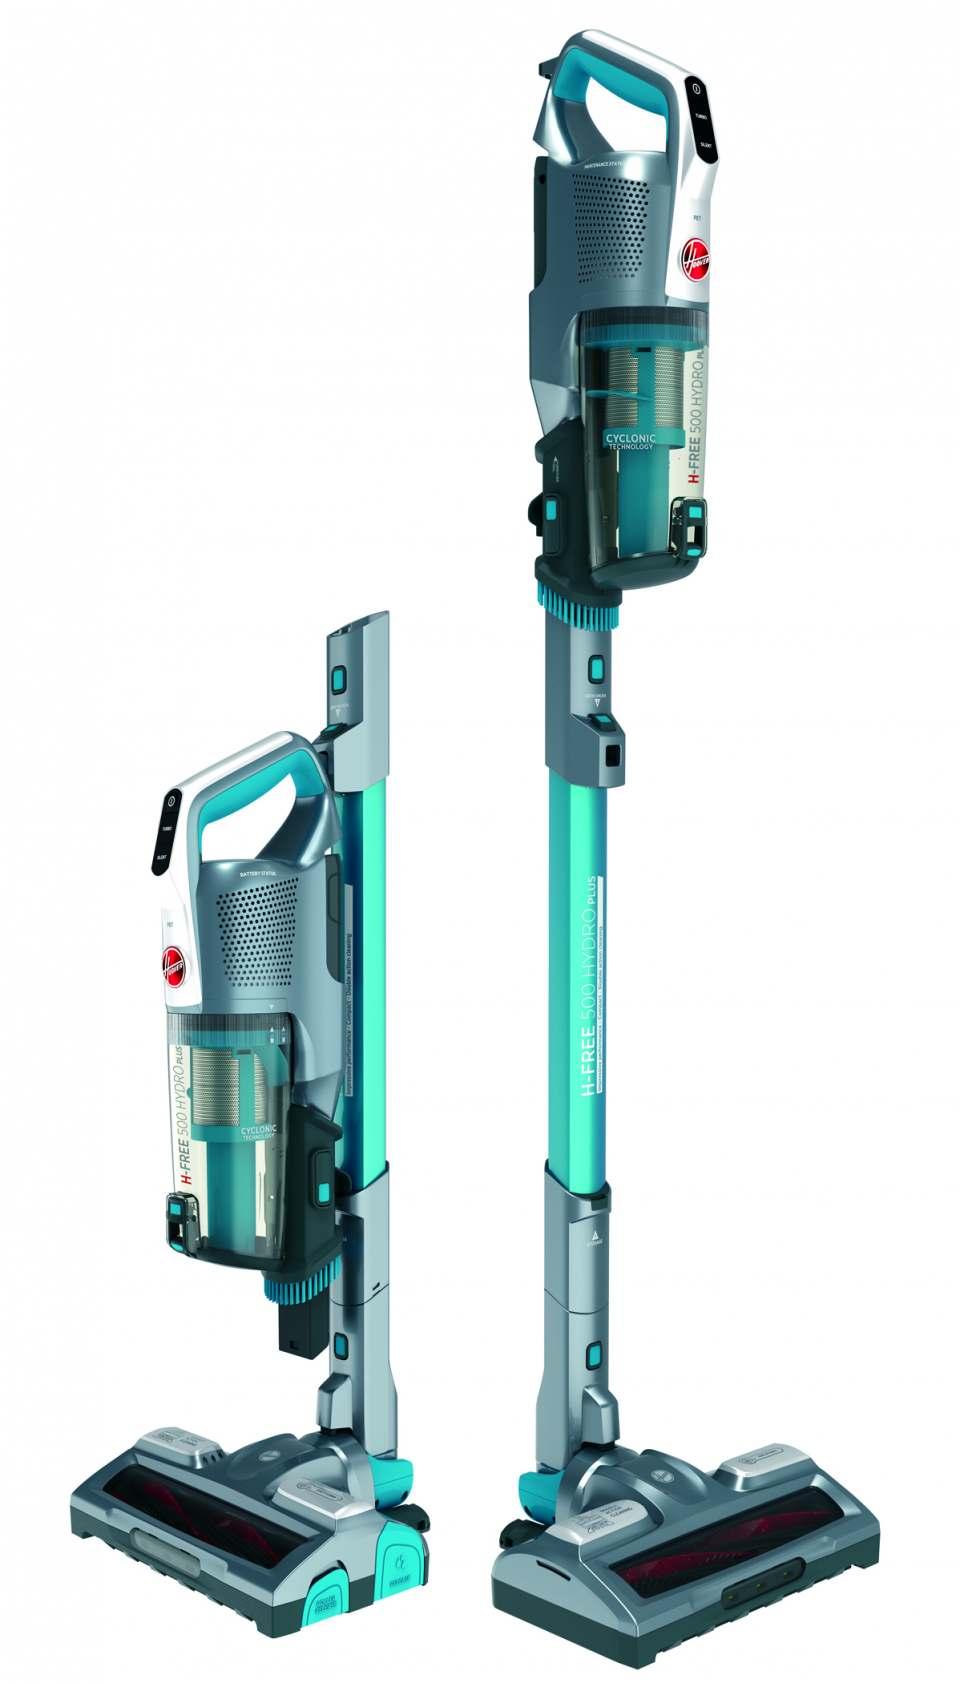 Hoover Staubsauger H-Free 500 Hydro Plus zum Saugen und Wischen.